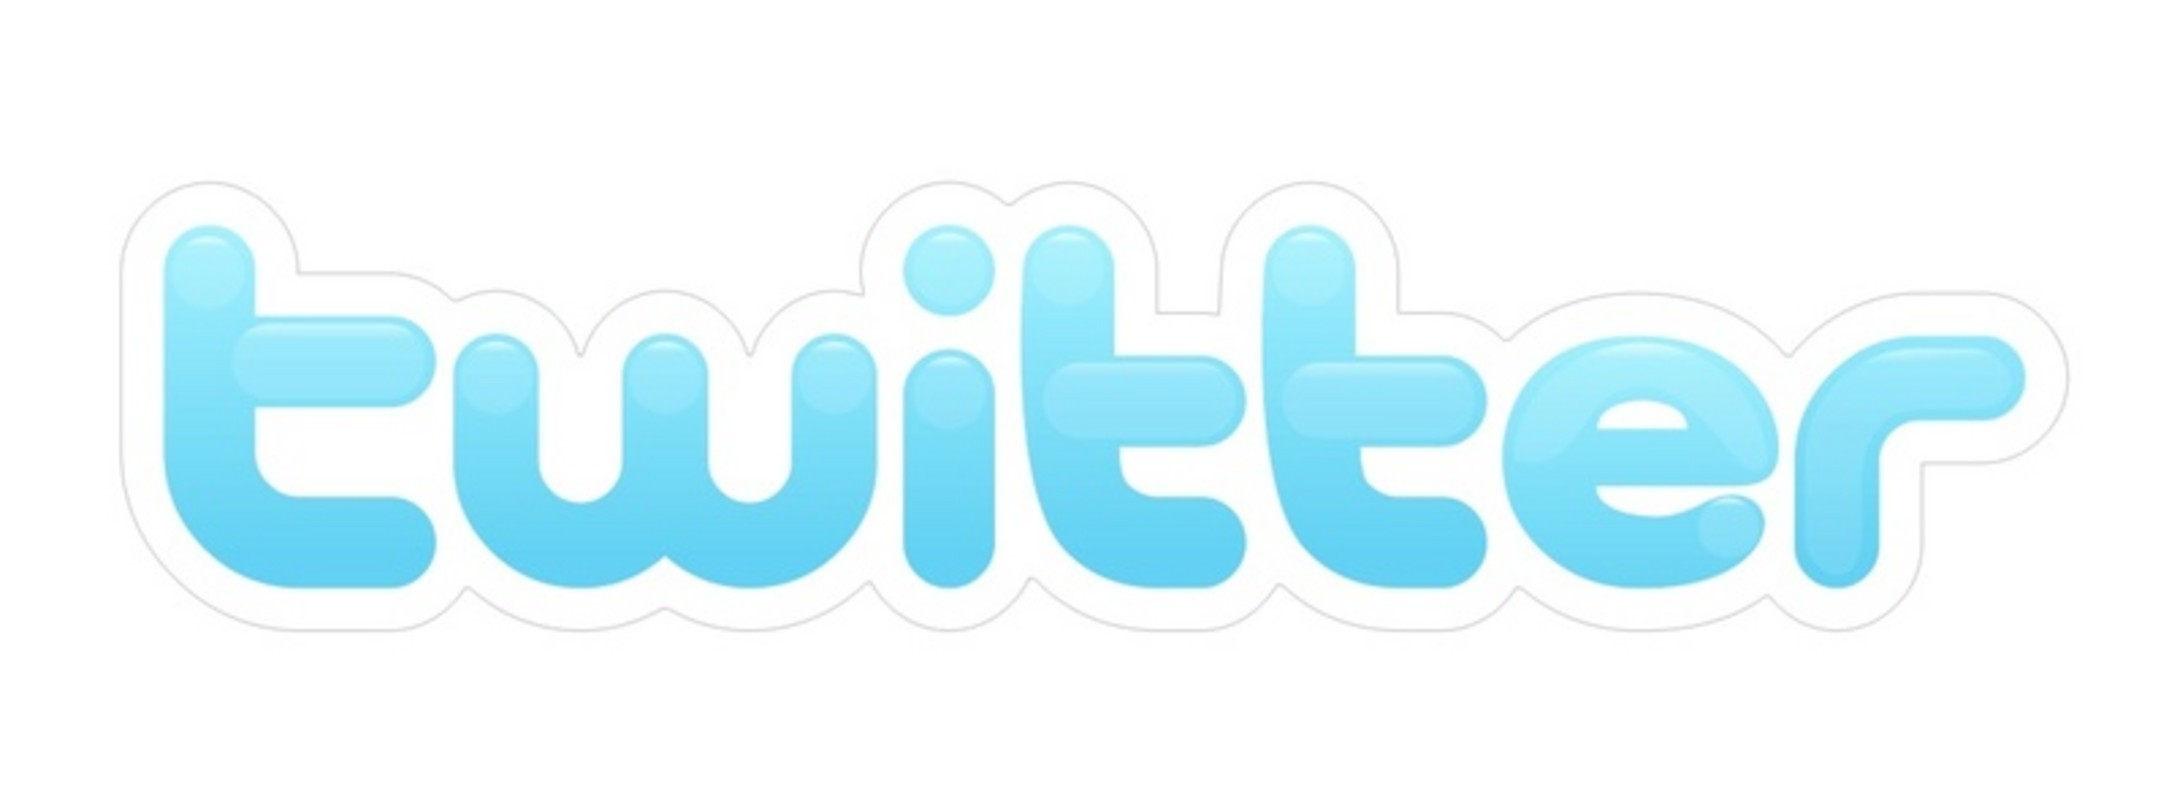 انشاء حساب تويتر بالعربي تسجيل جديد في موقع تويتر Twitter Sign Up